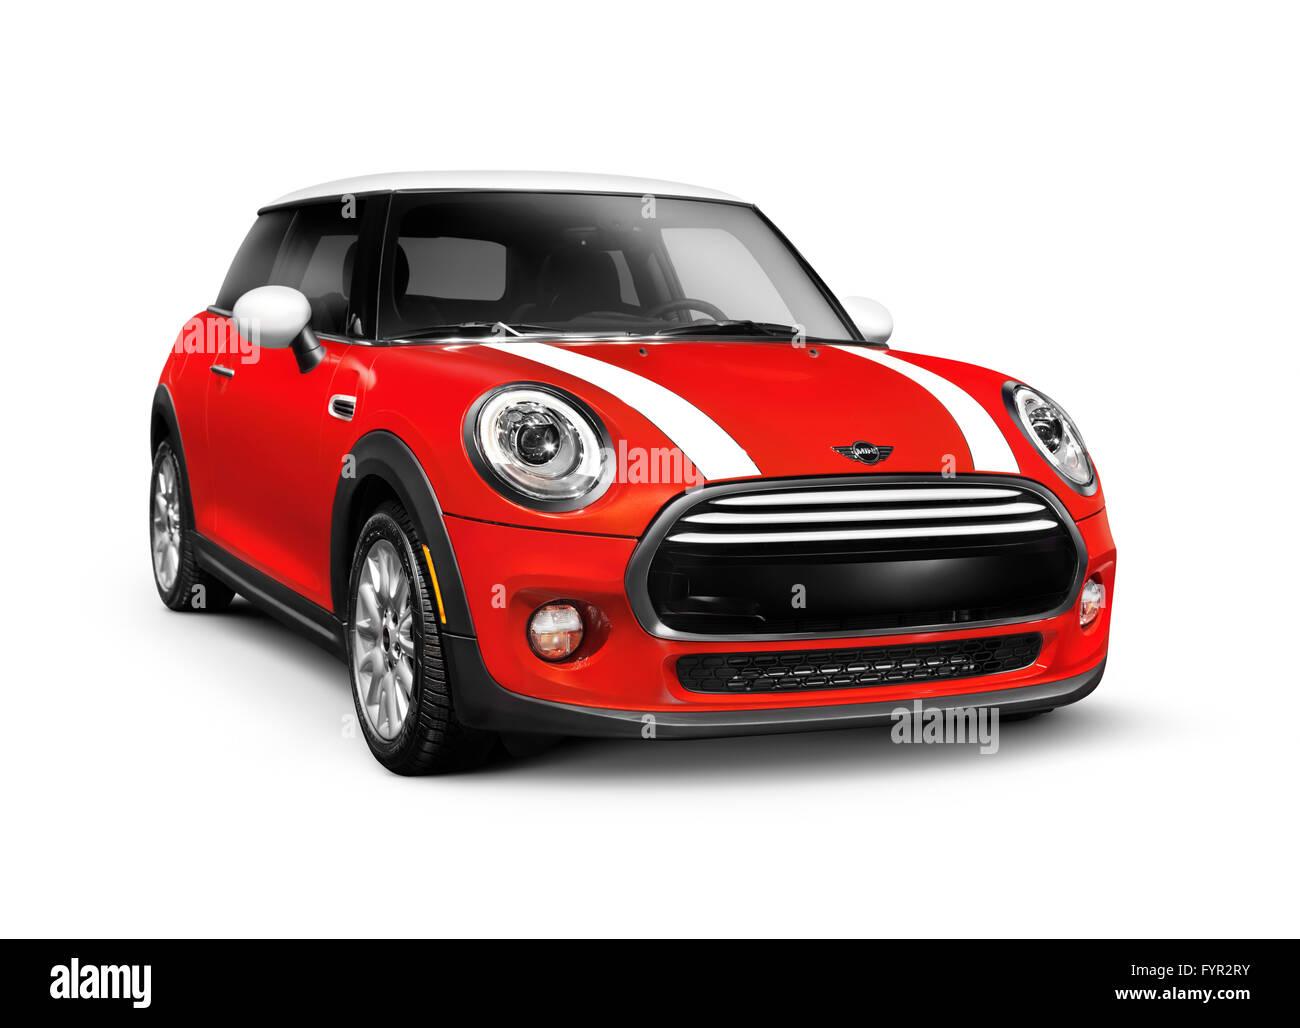 Mini Cooper rouge 2014 voiture de ville compacte à toit rigide Photo Stock